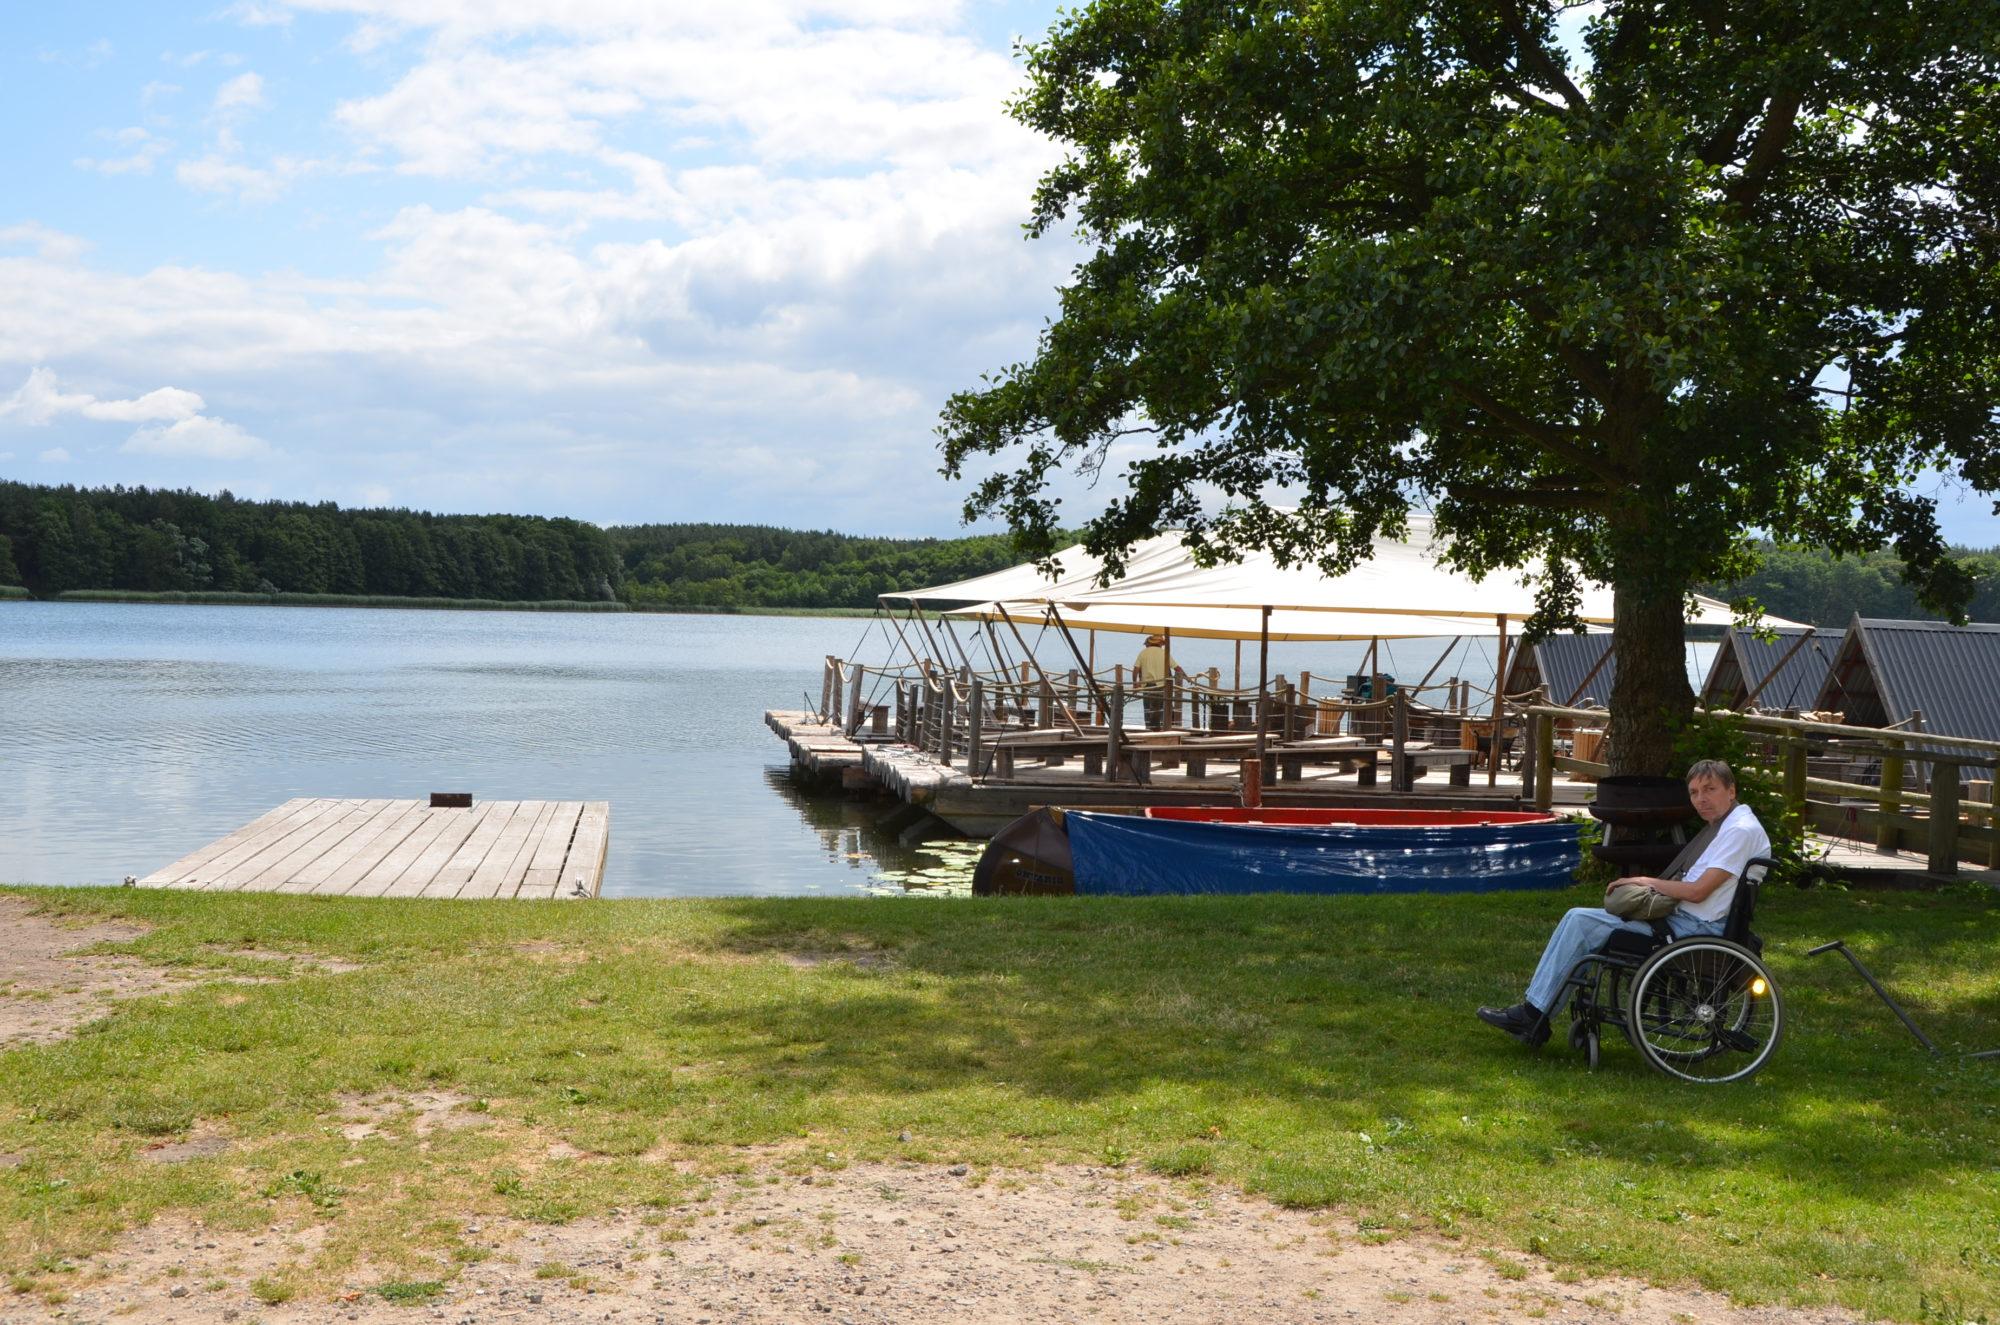 Die FLoße auf dem See. Im Vordergrund steht ein Rollstuhlfahrer.